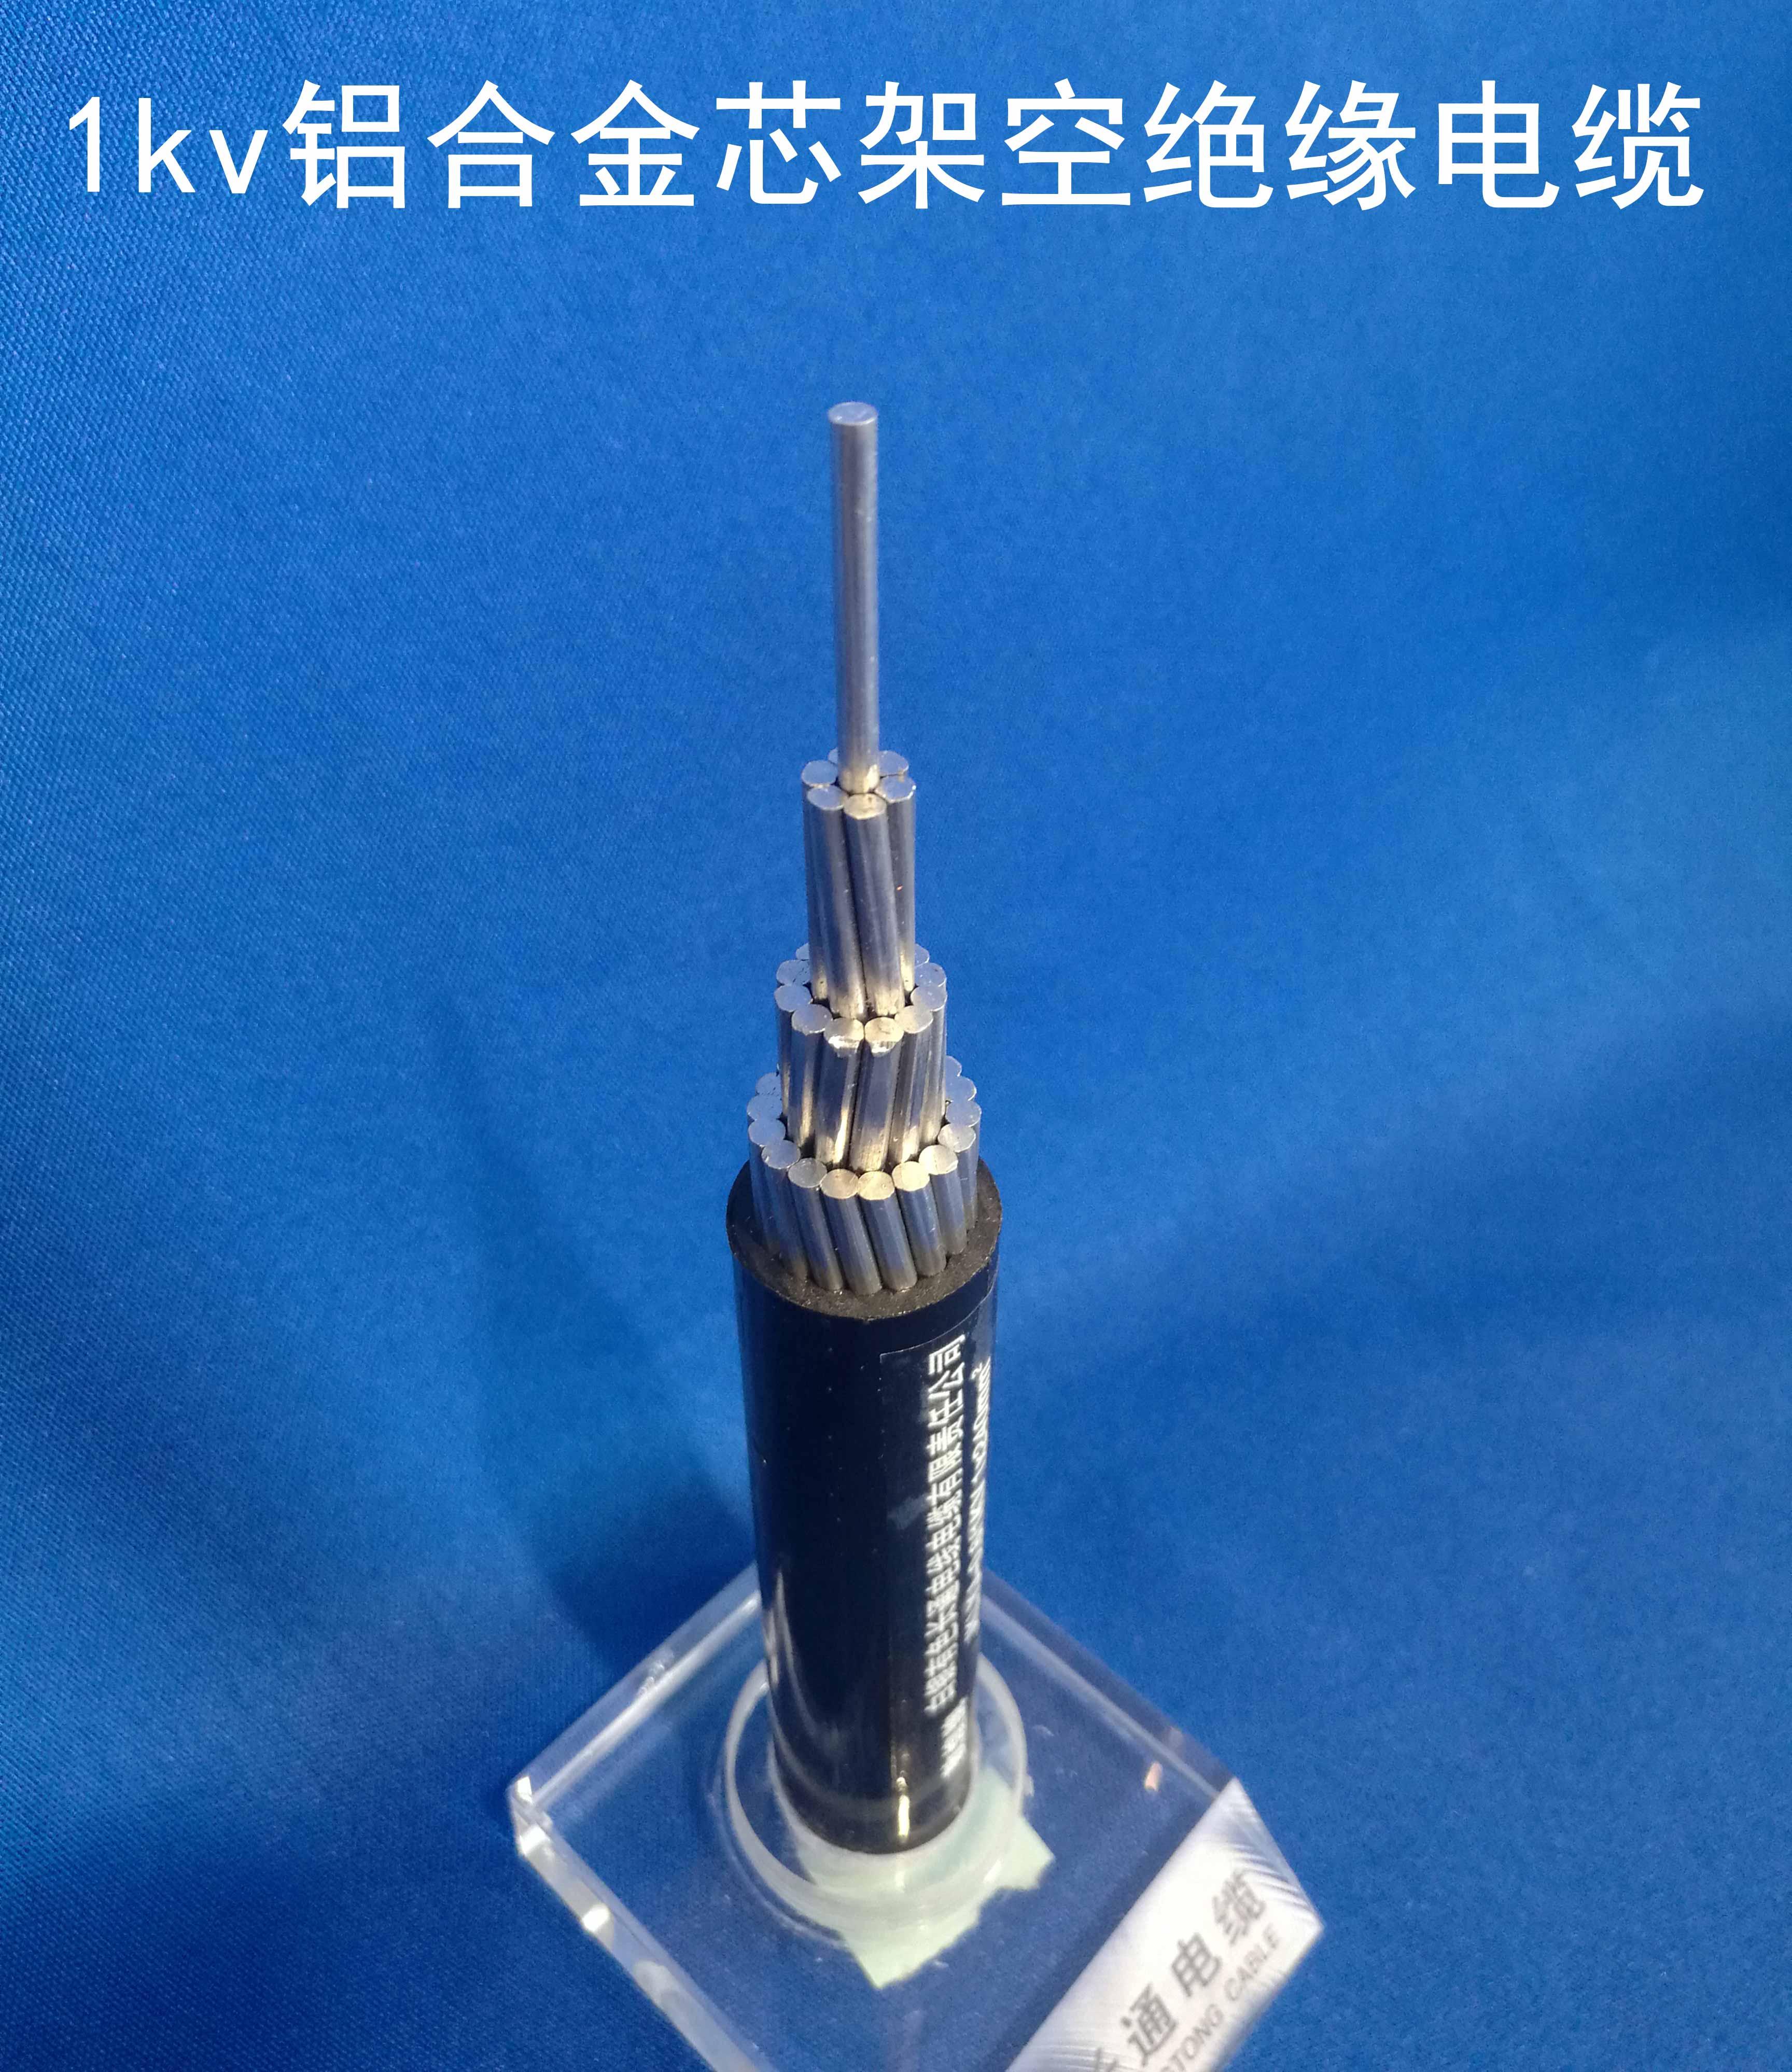 1kv铝合金芯架空绝缘电缆.jpg